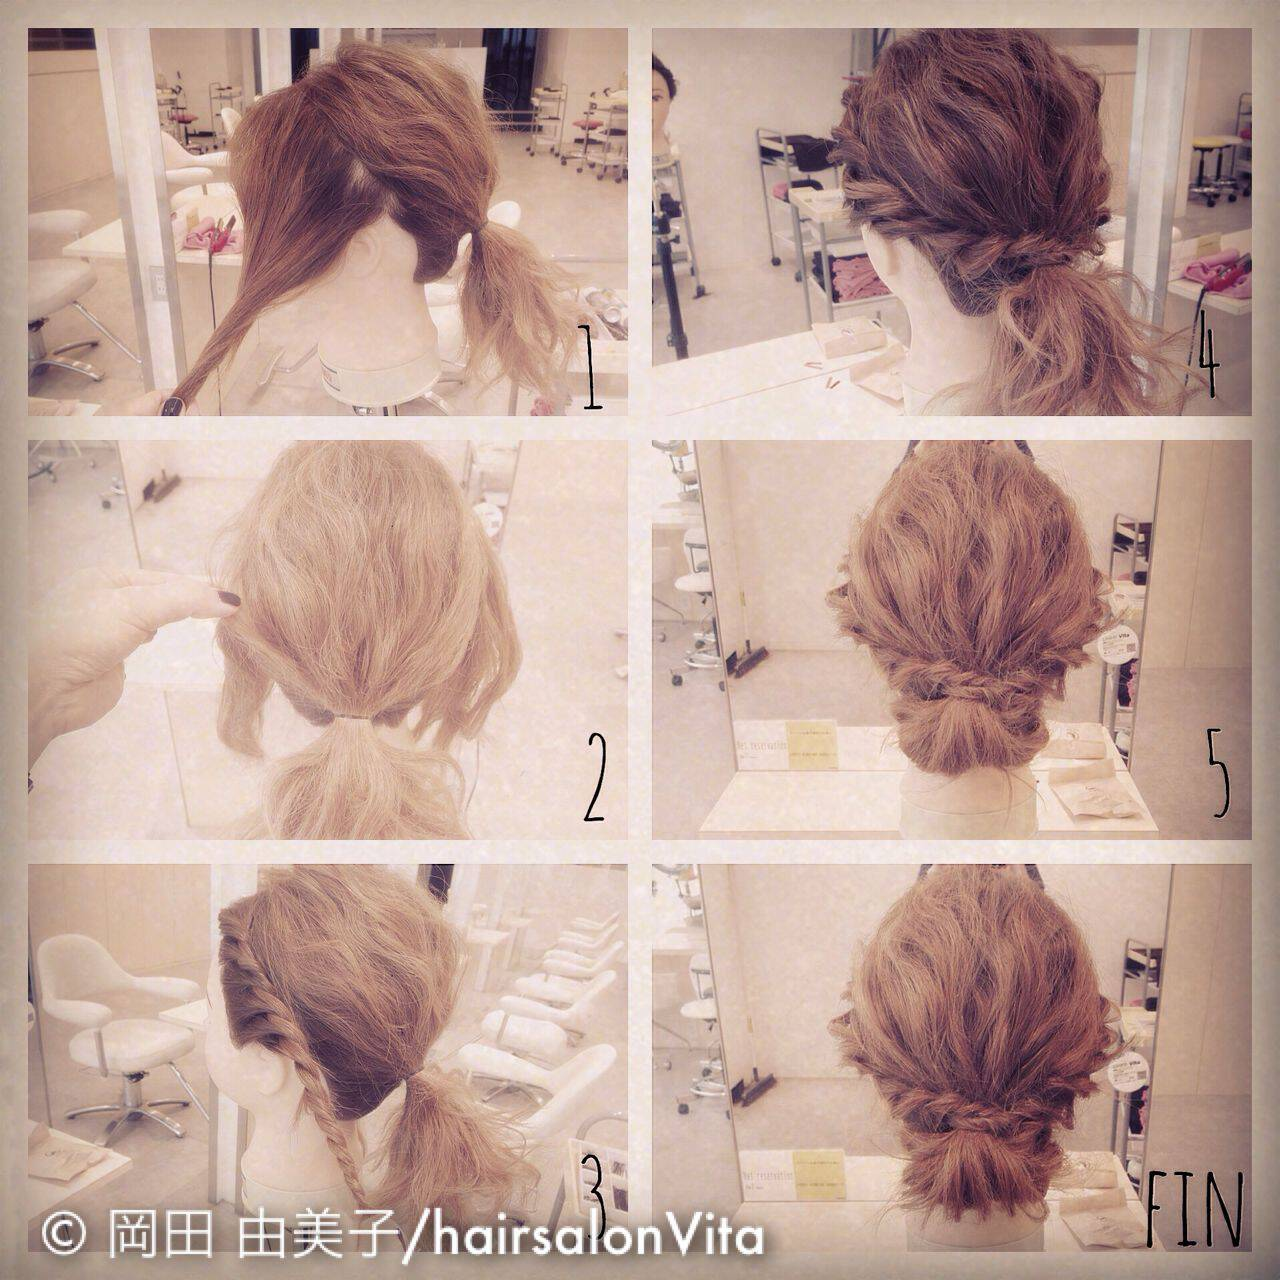 ナチュラル ヘアアレンジ ショート 大人かわいいヘアスタイルや髪型の写真・画像